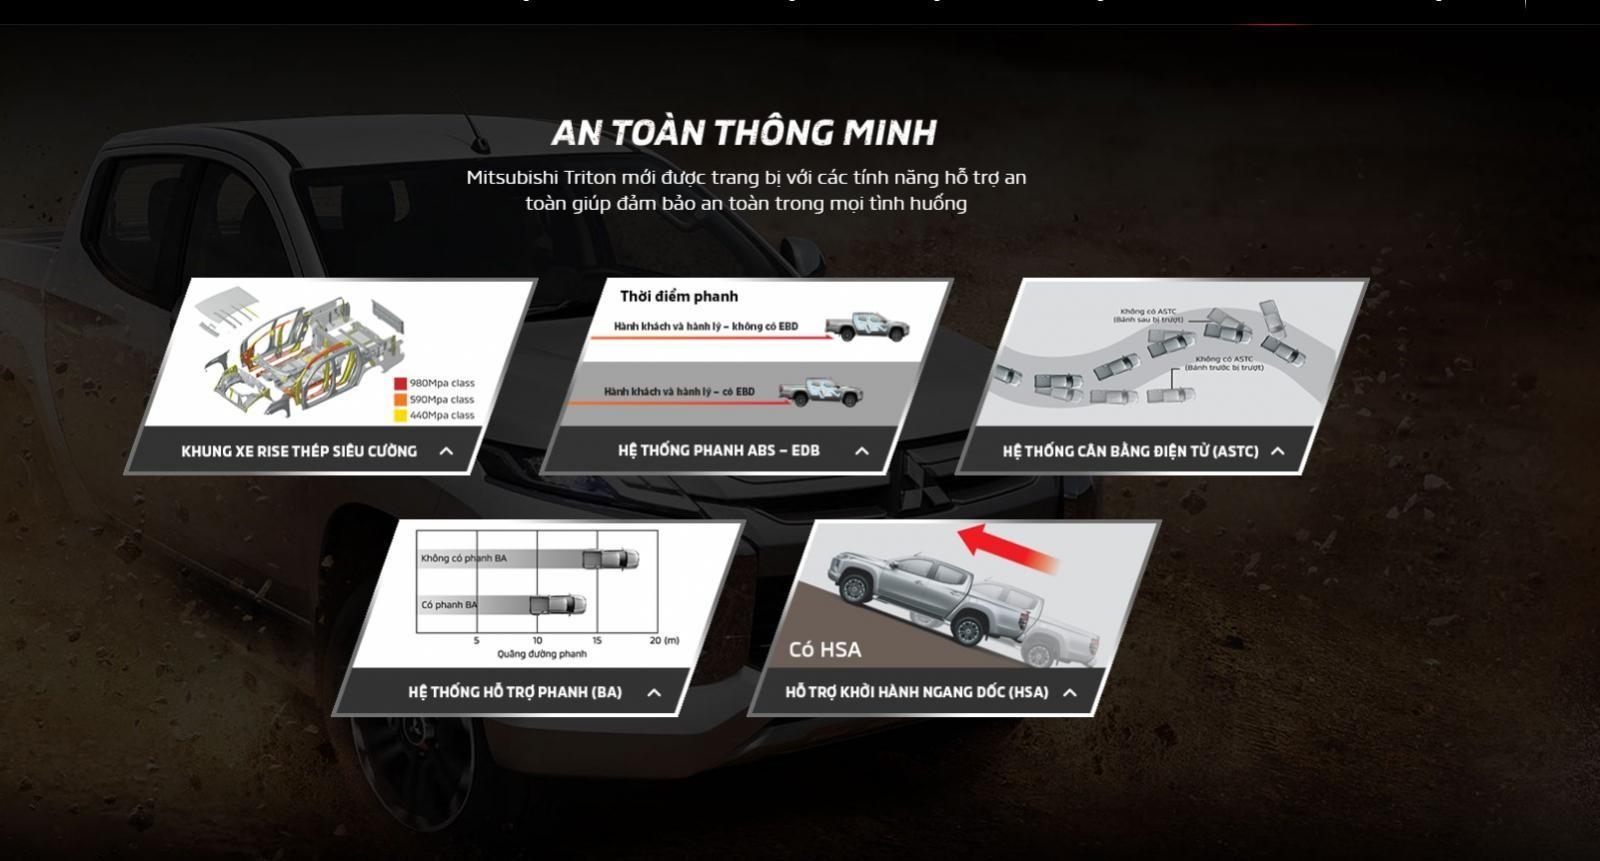 Một số trang bị an toàn của Triton 2019 được Mitsubishi Việt Nam hé lộ